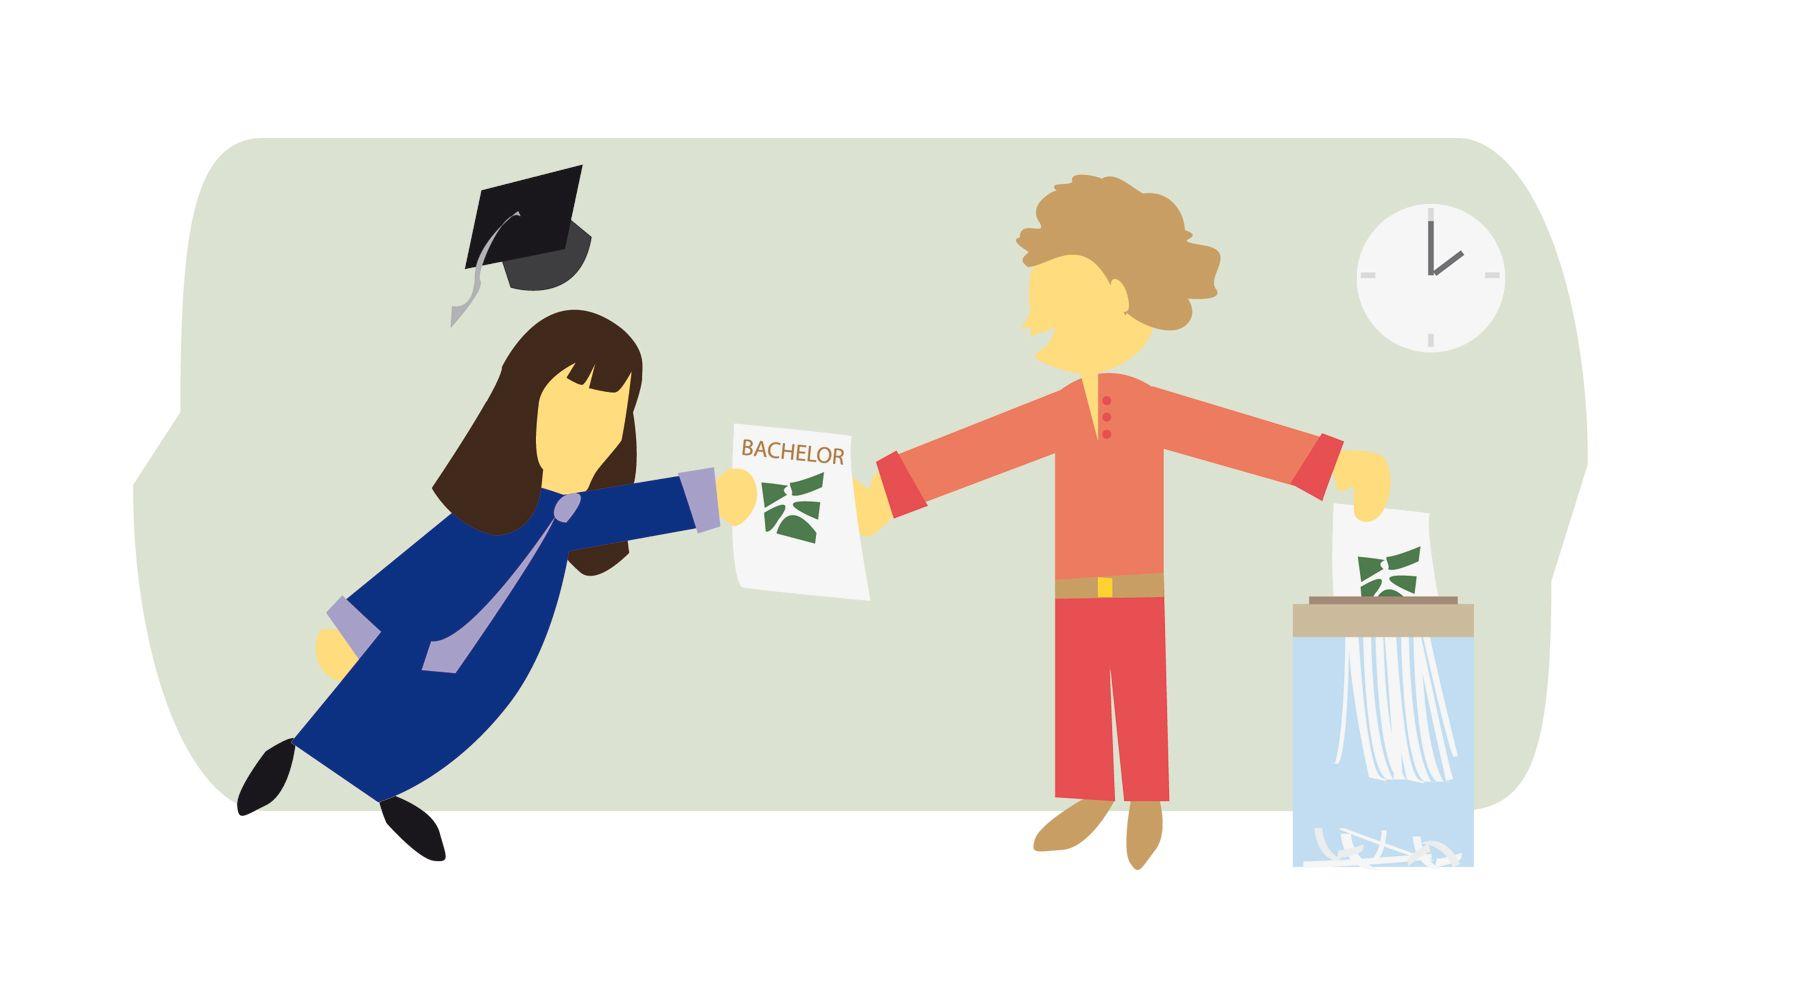 Como hacer un curriculum vitae para un estudiante de secundaria